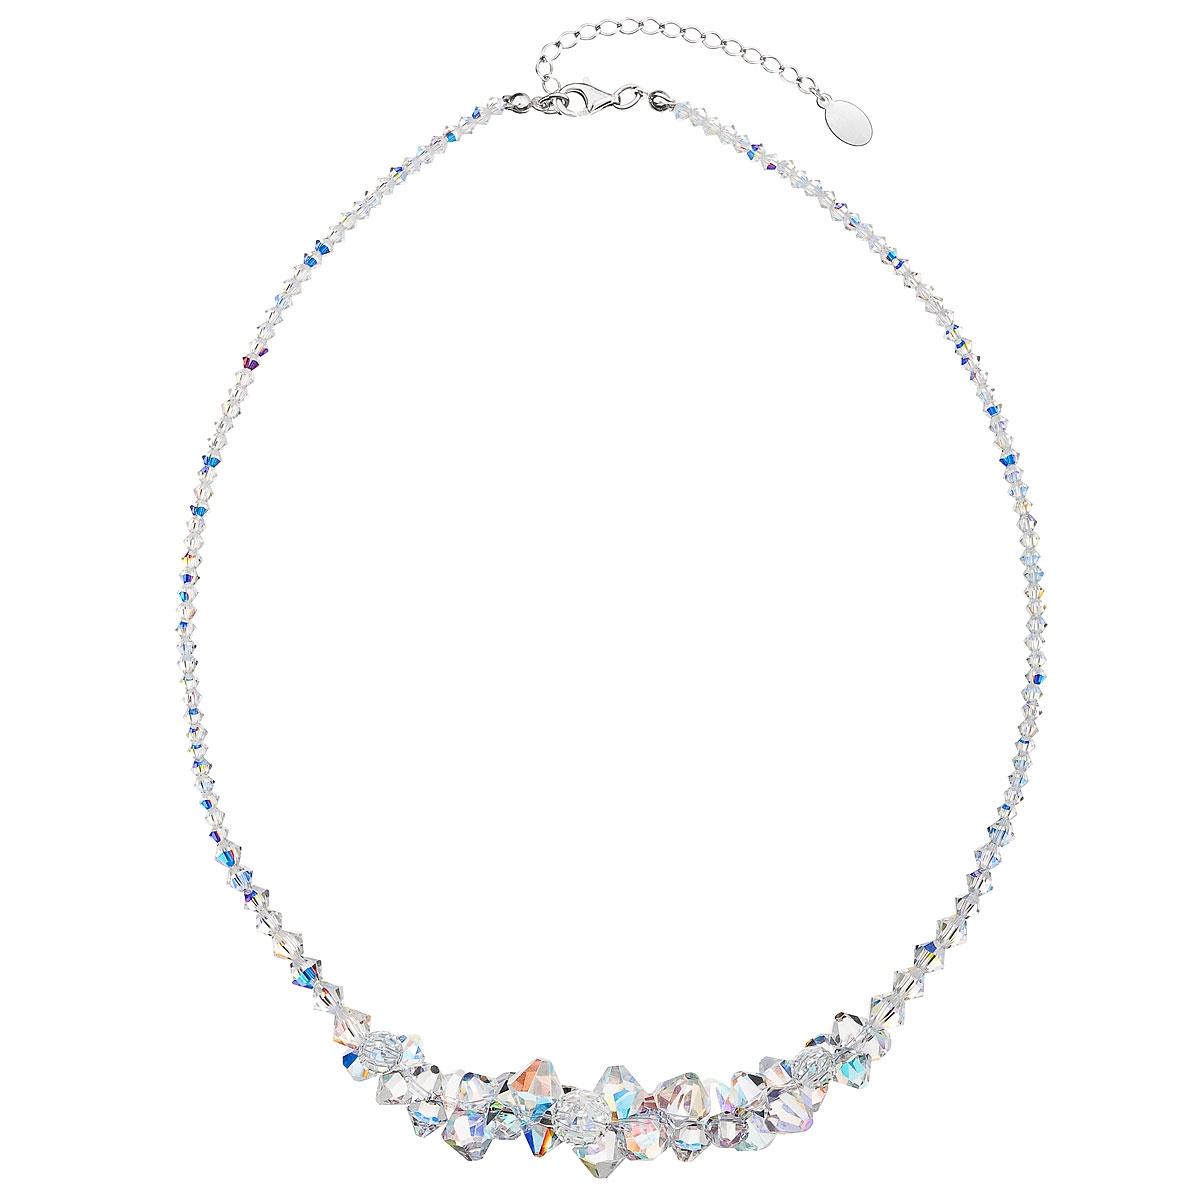 Stříbrný náhrdelník s krystaly Crystals from Swarovski® AB EG4011-AB